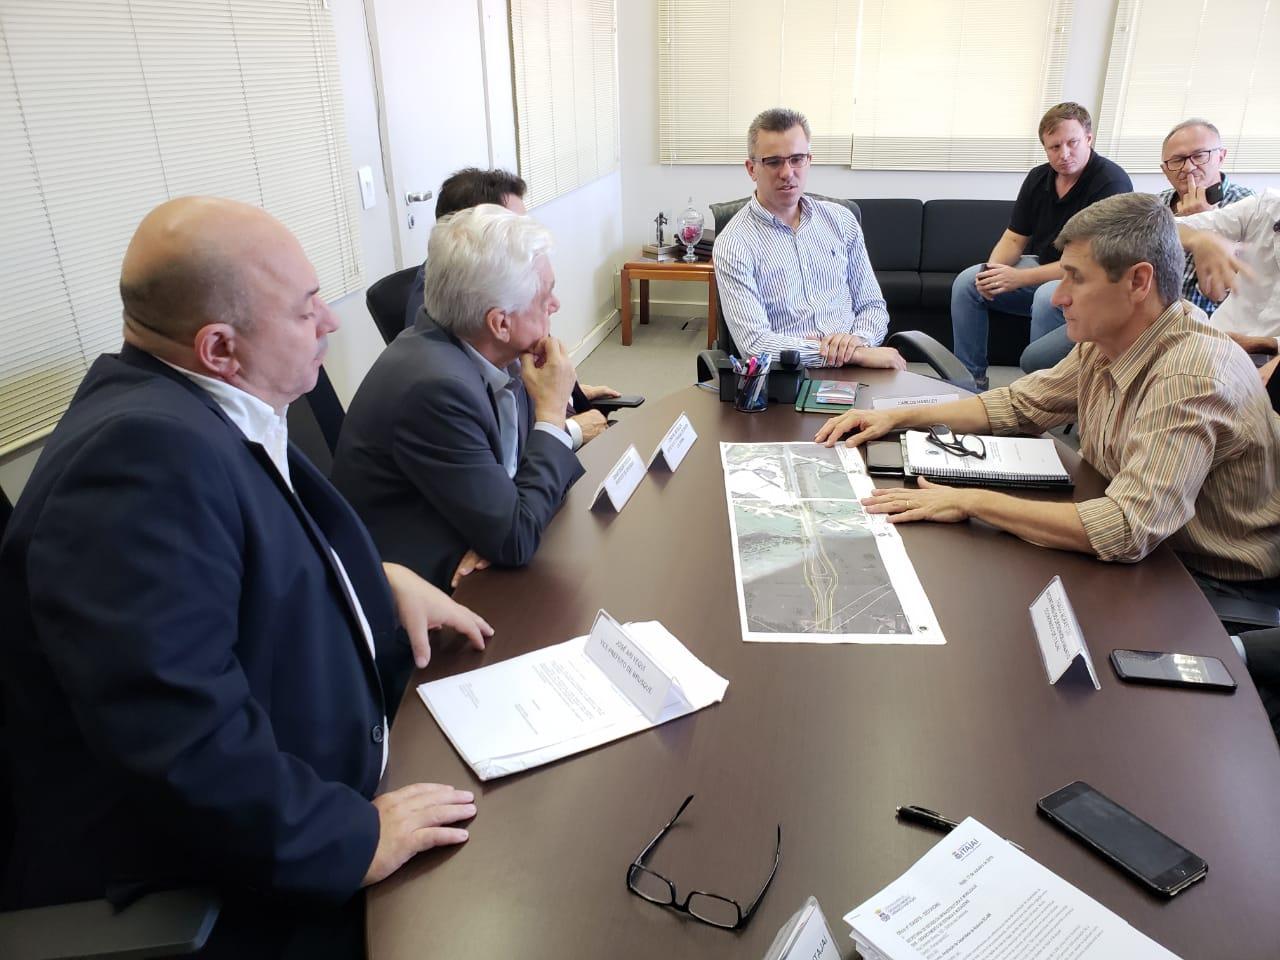 Governo do Estado liberará mais R$ 3 milhões para obra da Antônio Heil, que terá novo acesso na altura do Mineral Água Park